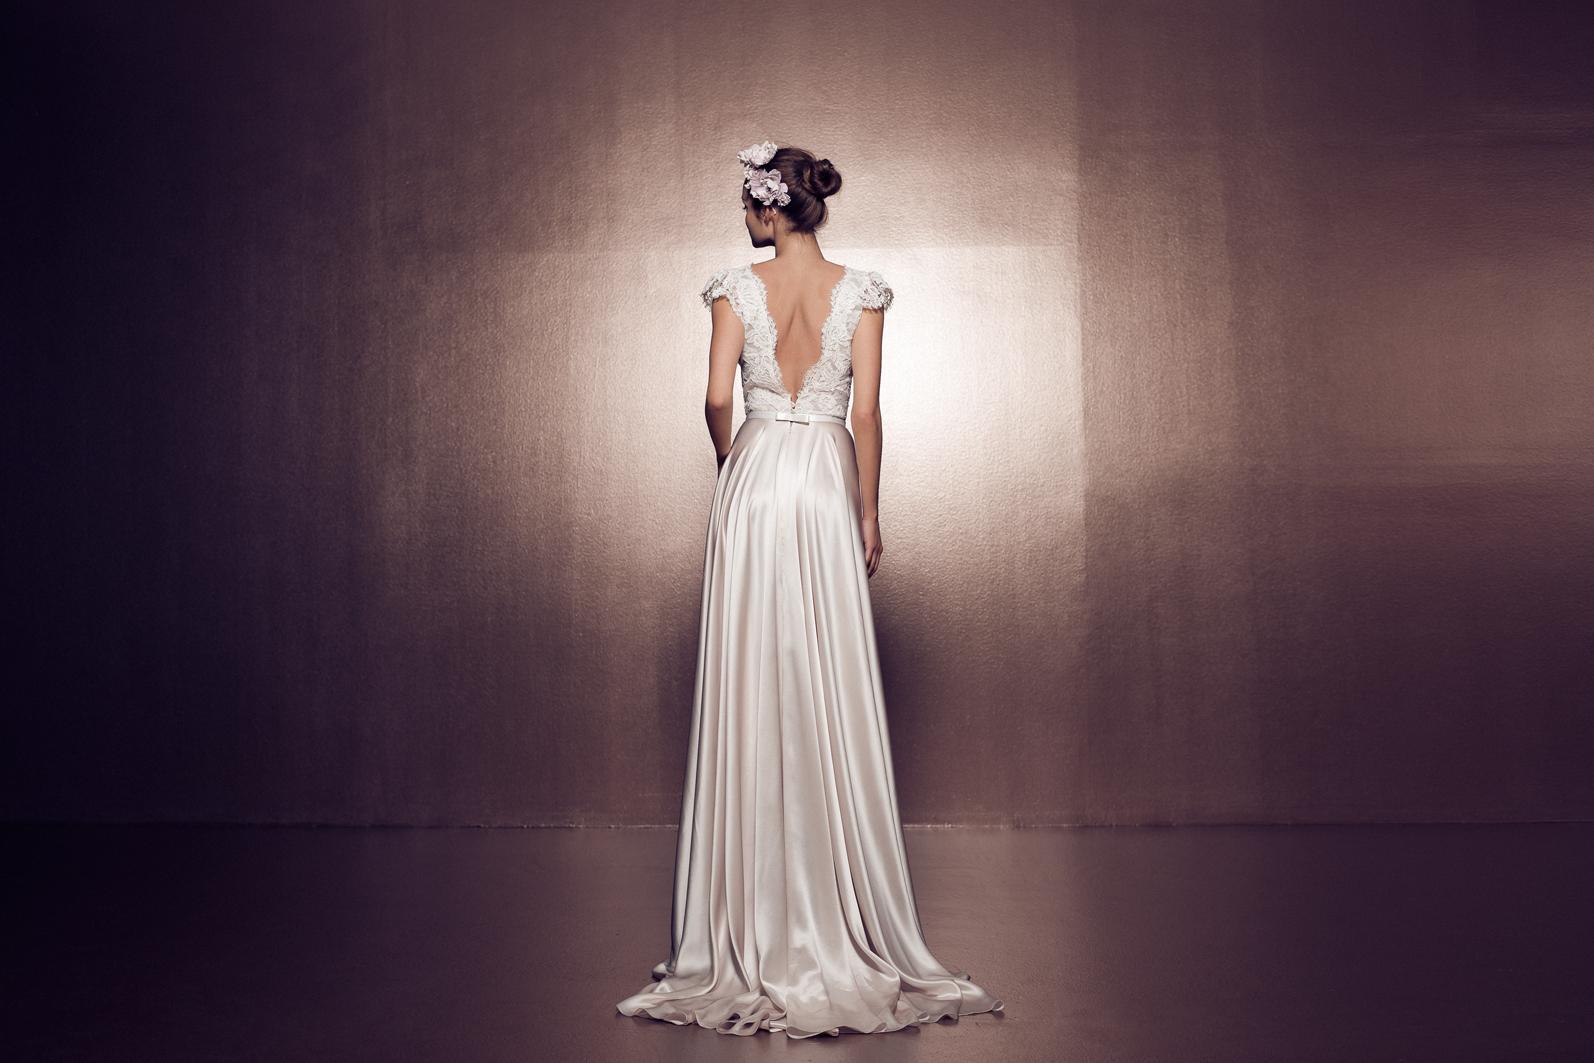 Sikeres magyarok - Benes Anita - Fashionsphere 834c332093